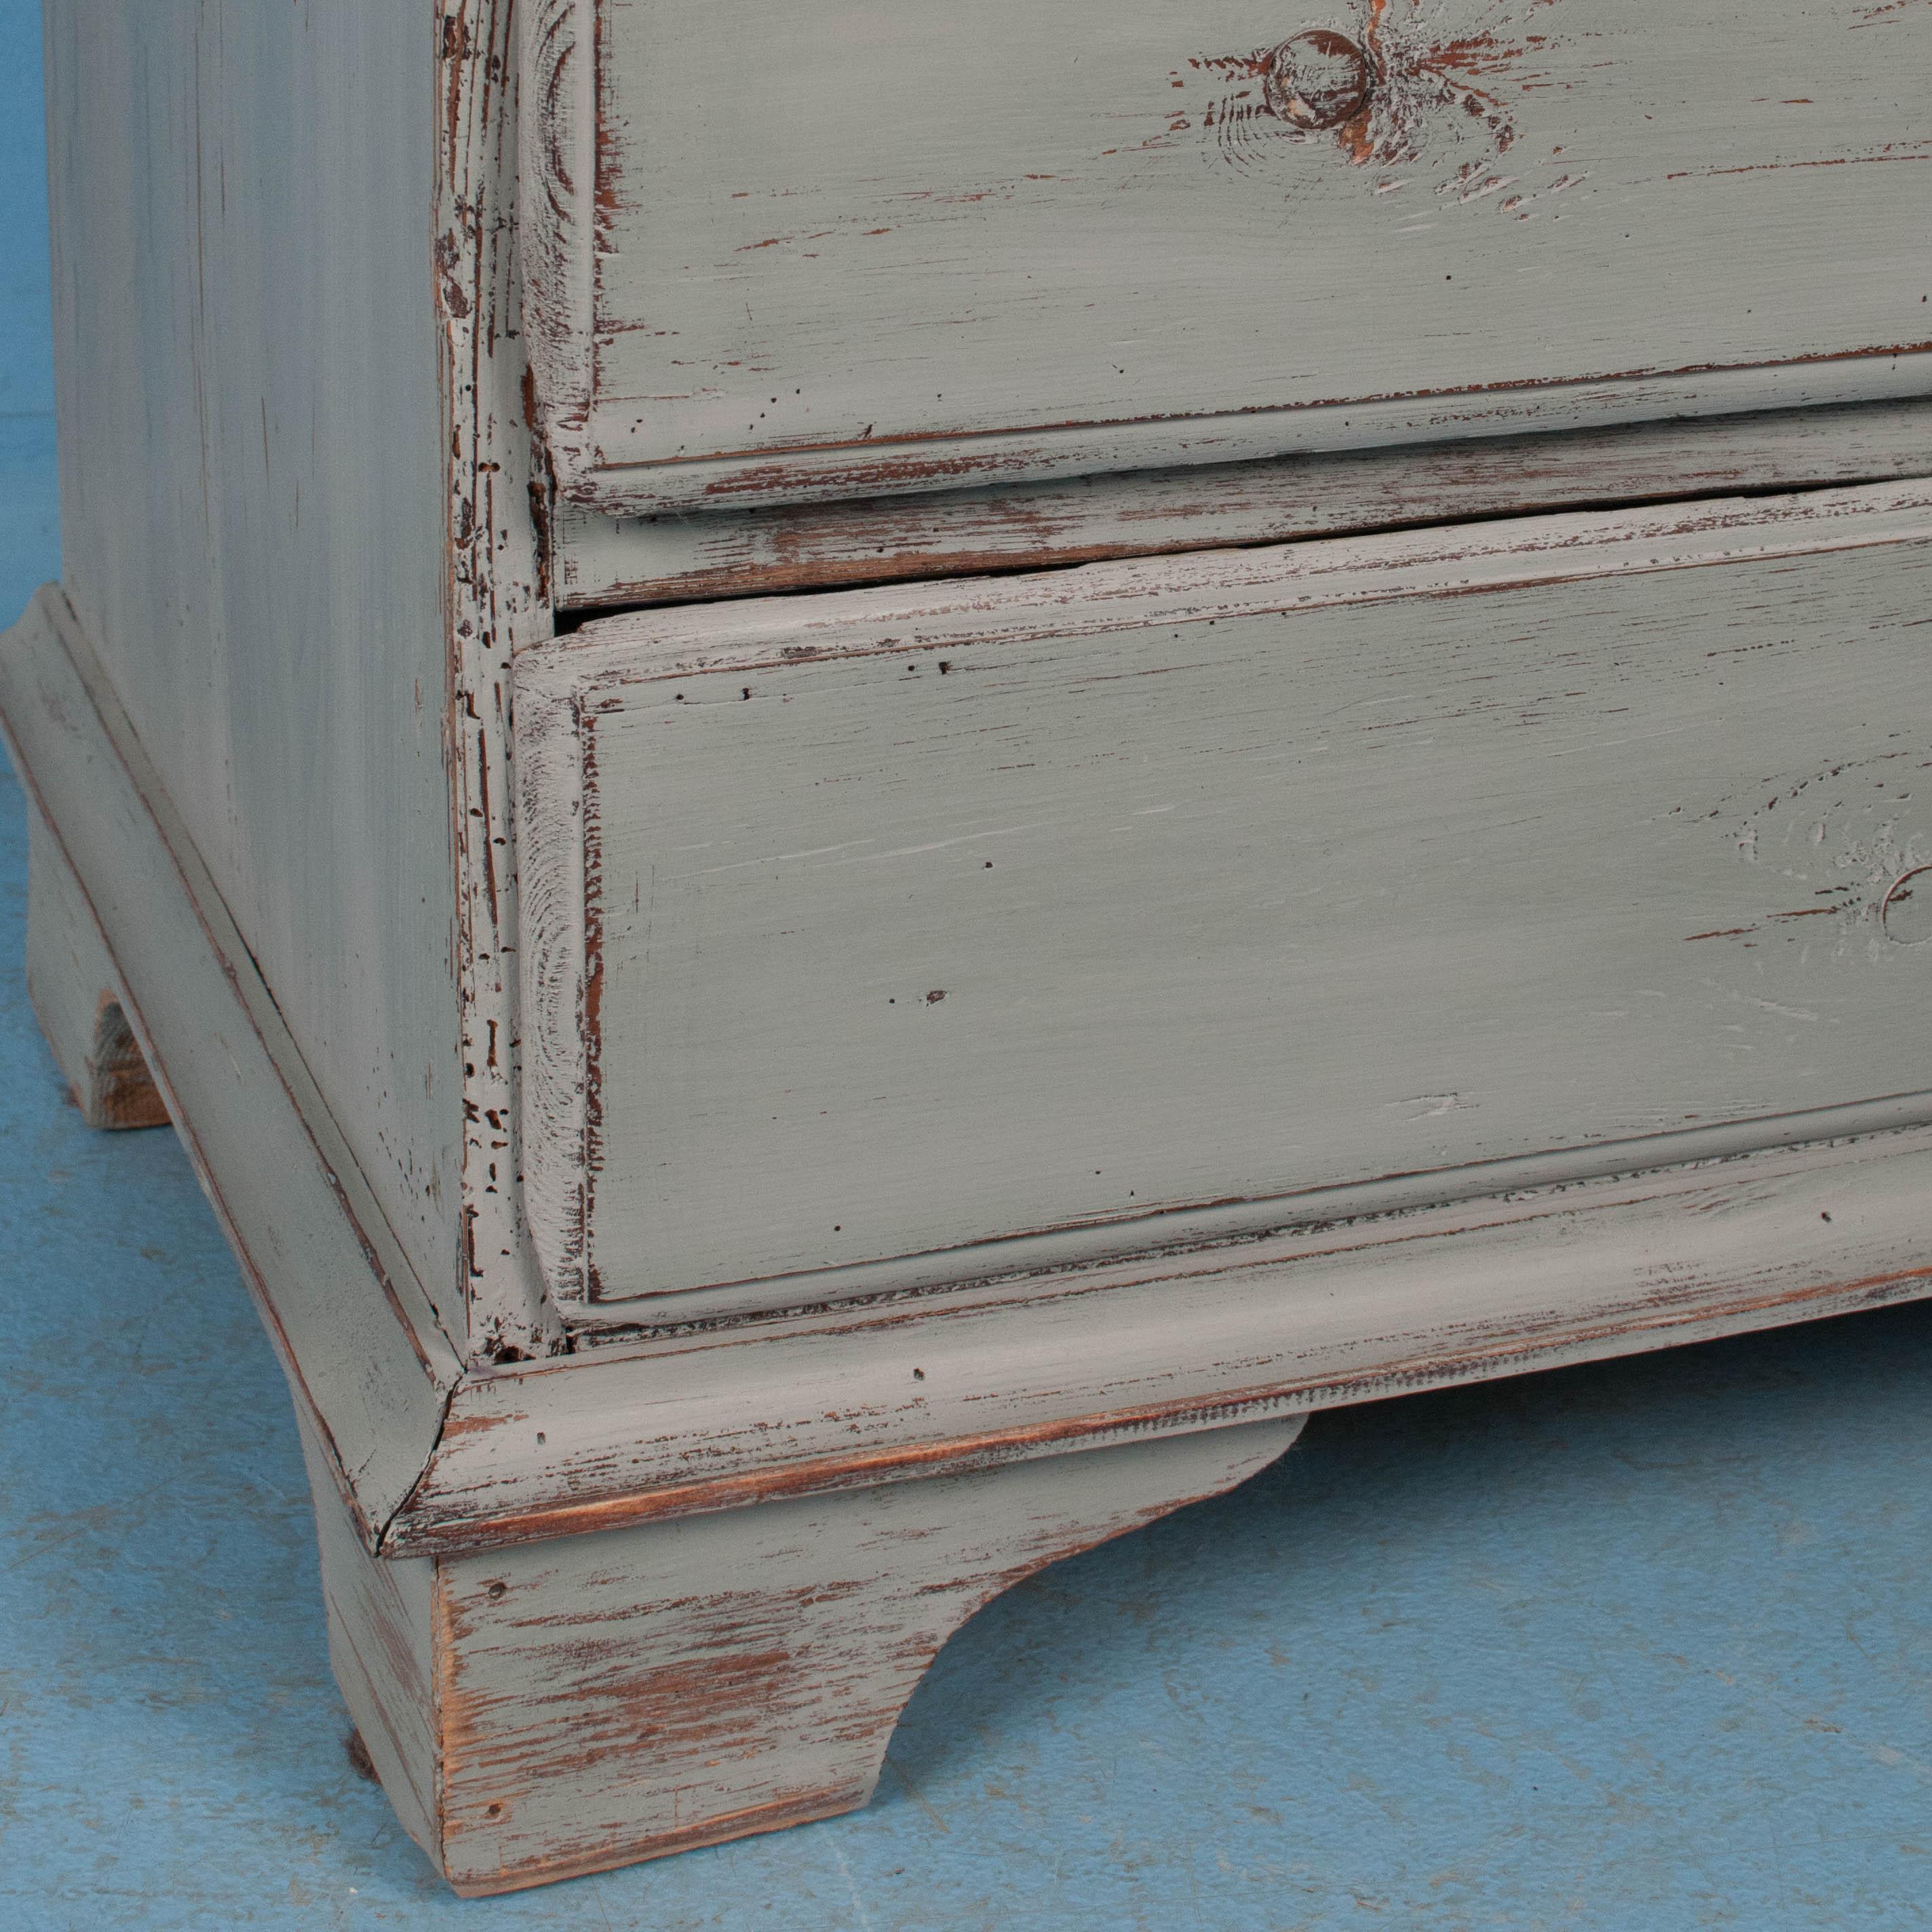 Delightful Antique Drop Front Bureau Desk With Soft Gray